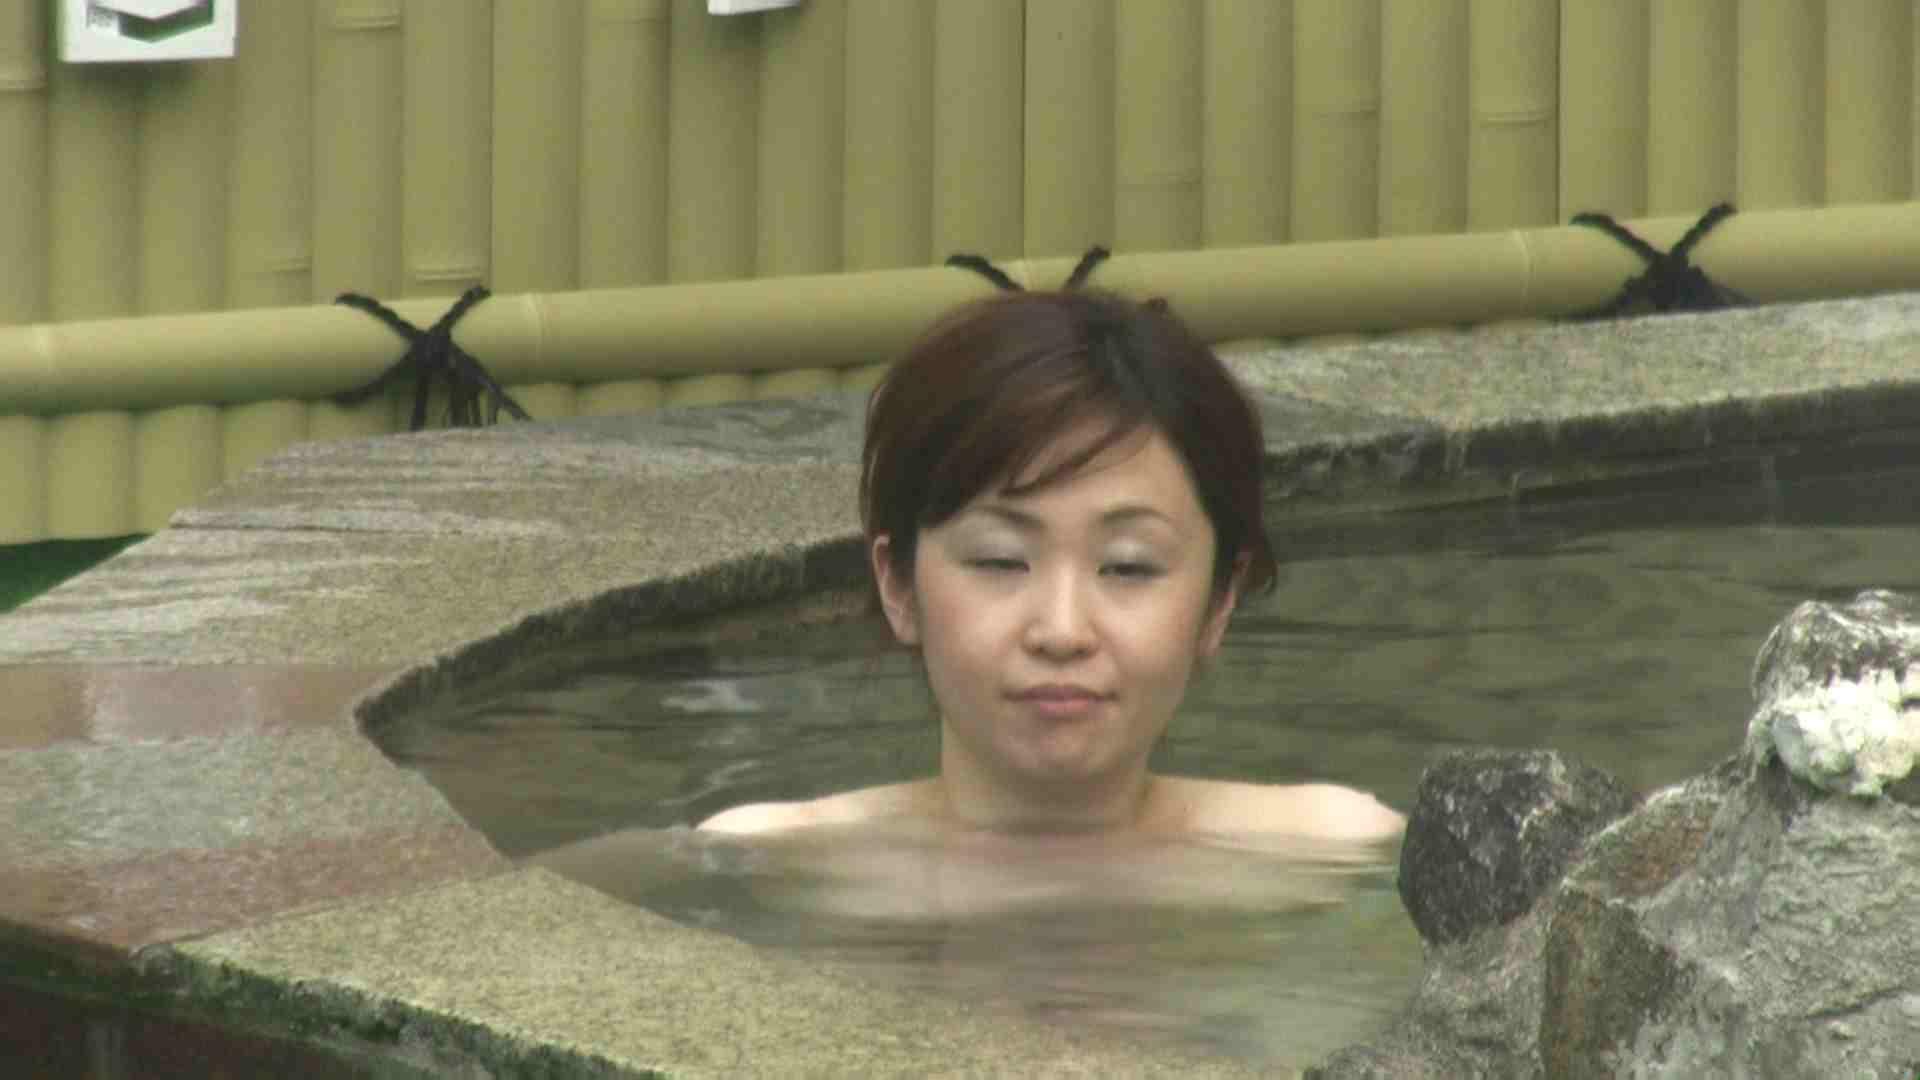 高画質露天女風呂観察 vol.033 高画質 | 女風呂  57画像 43